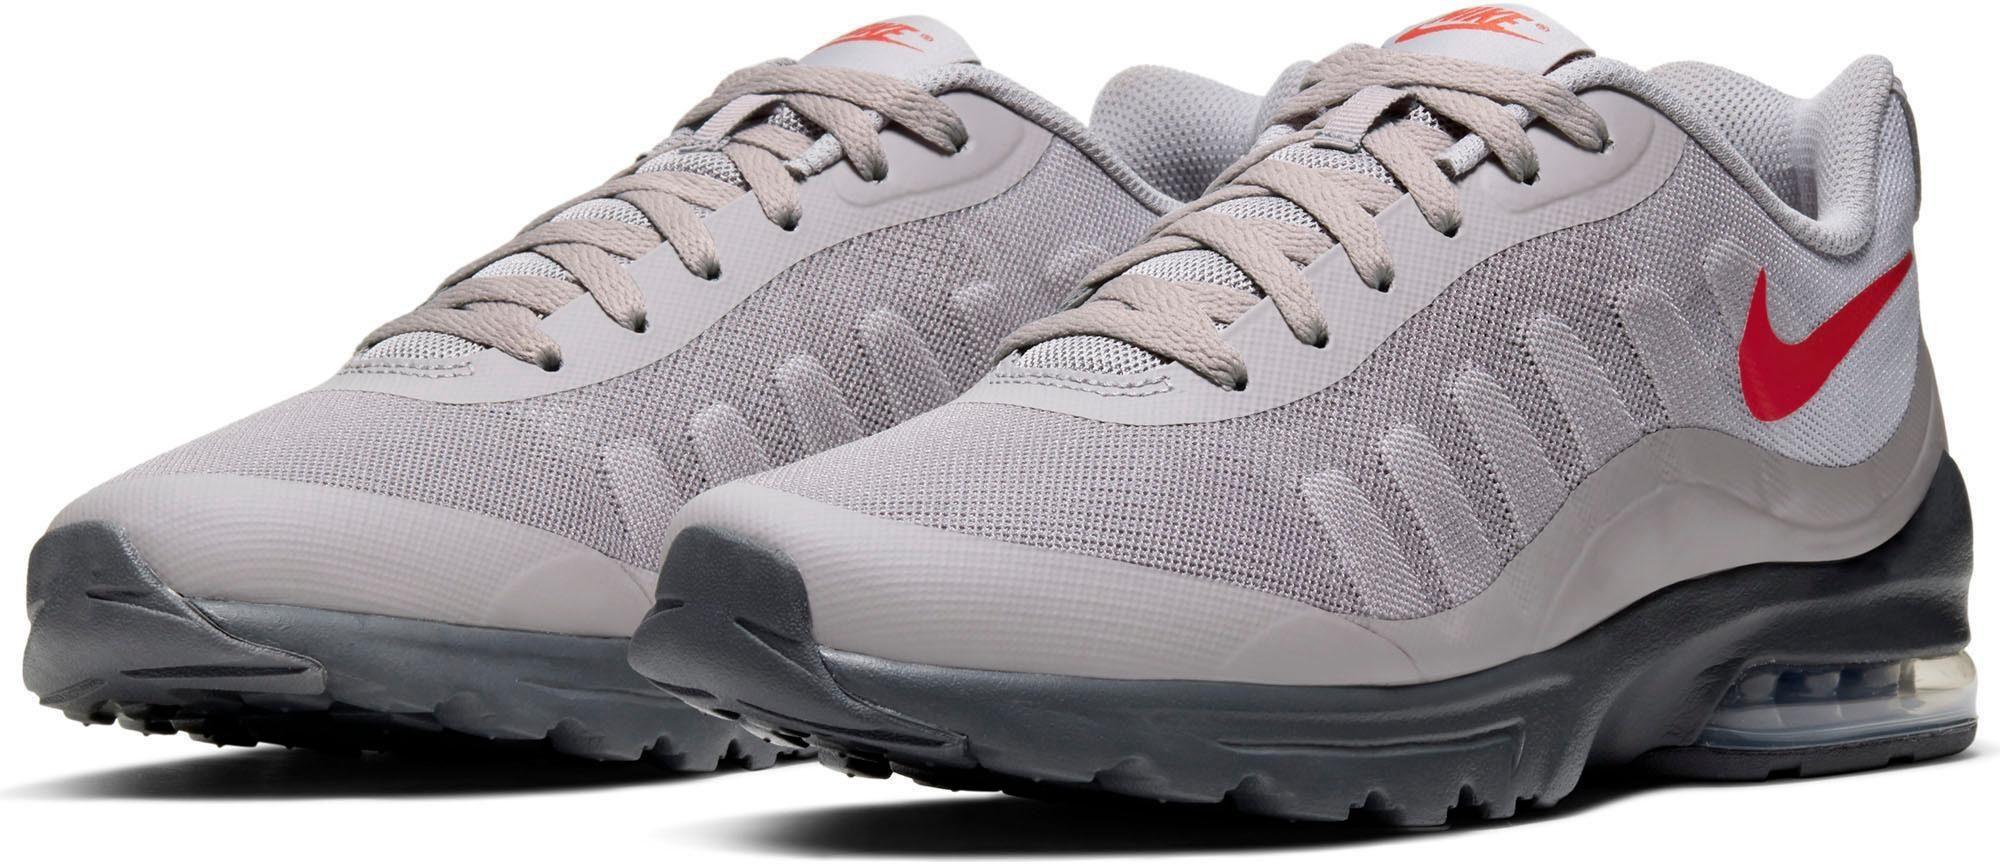 Nike Sportswear »Air Max Invigor« Sneaker kaufen | OTTO